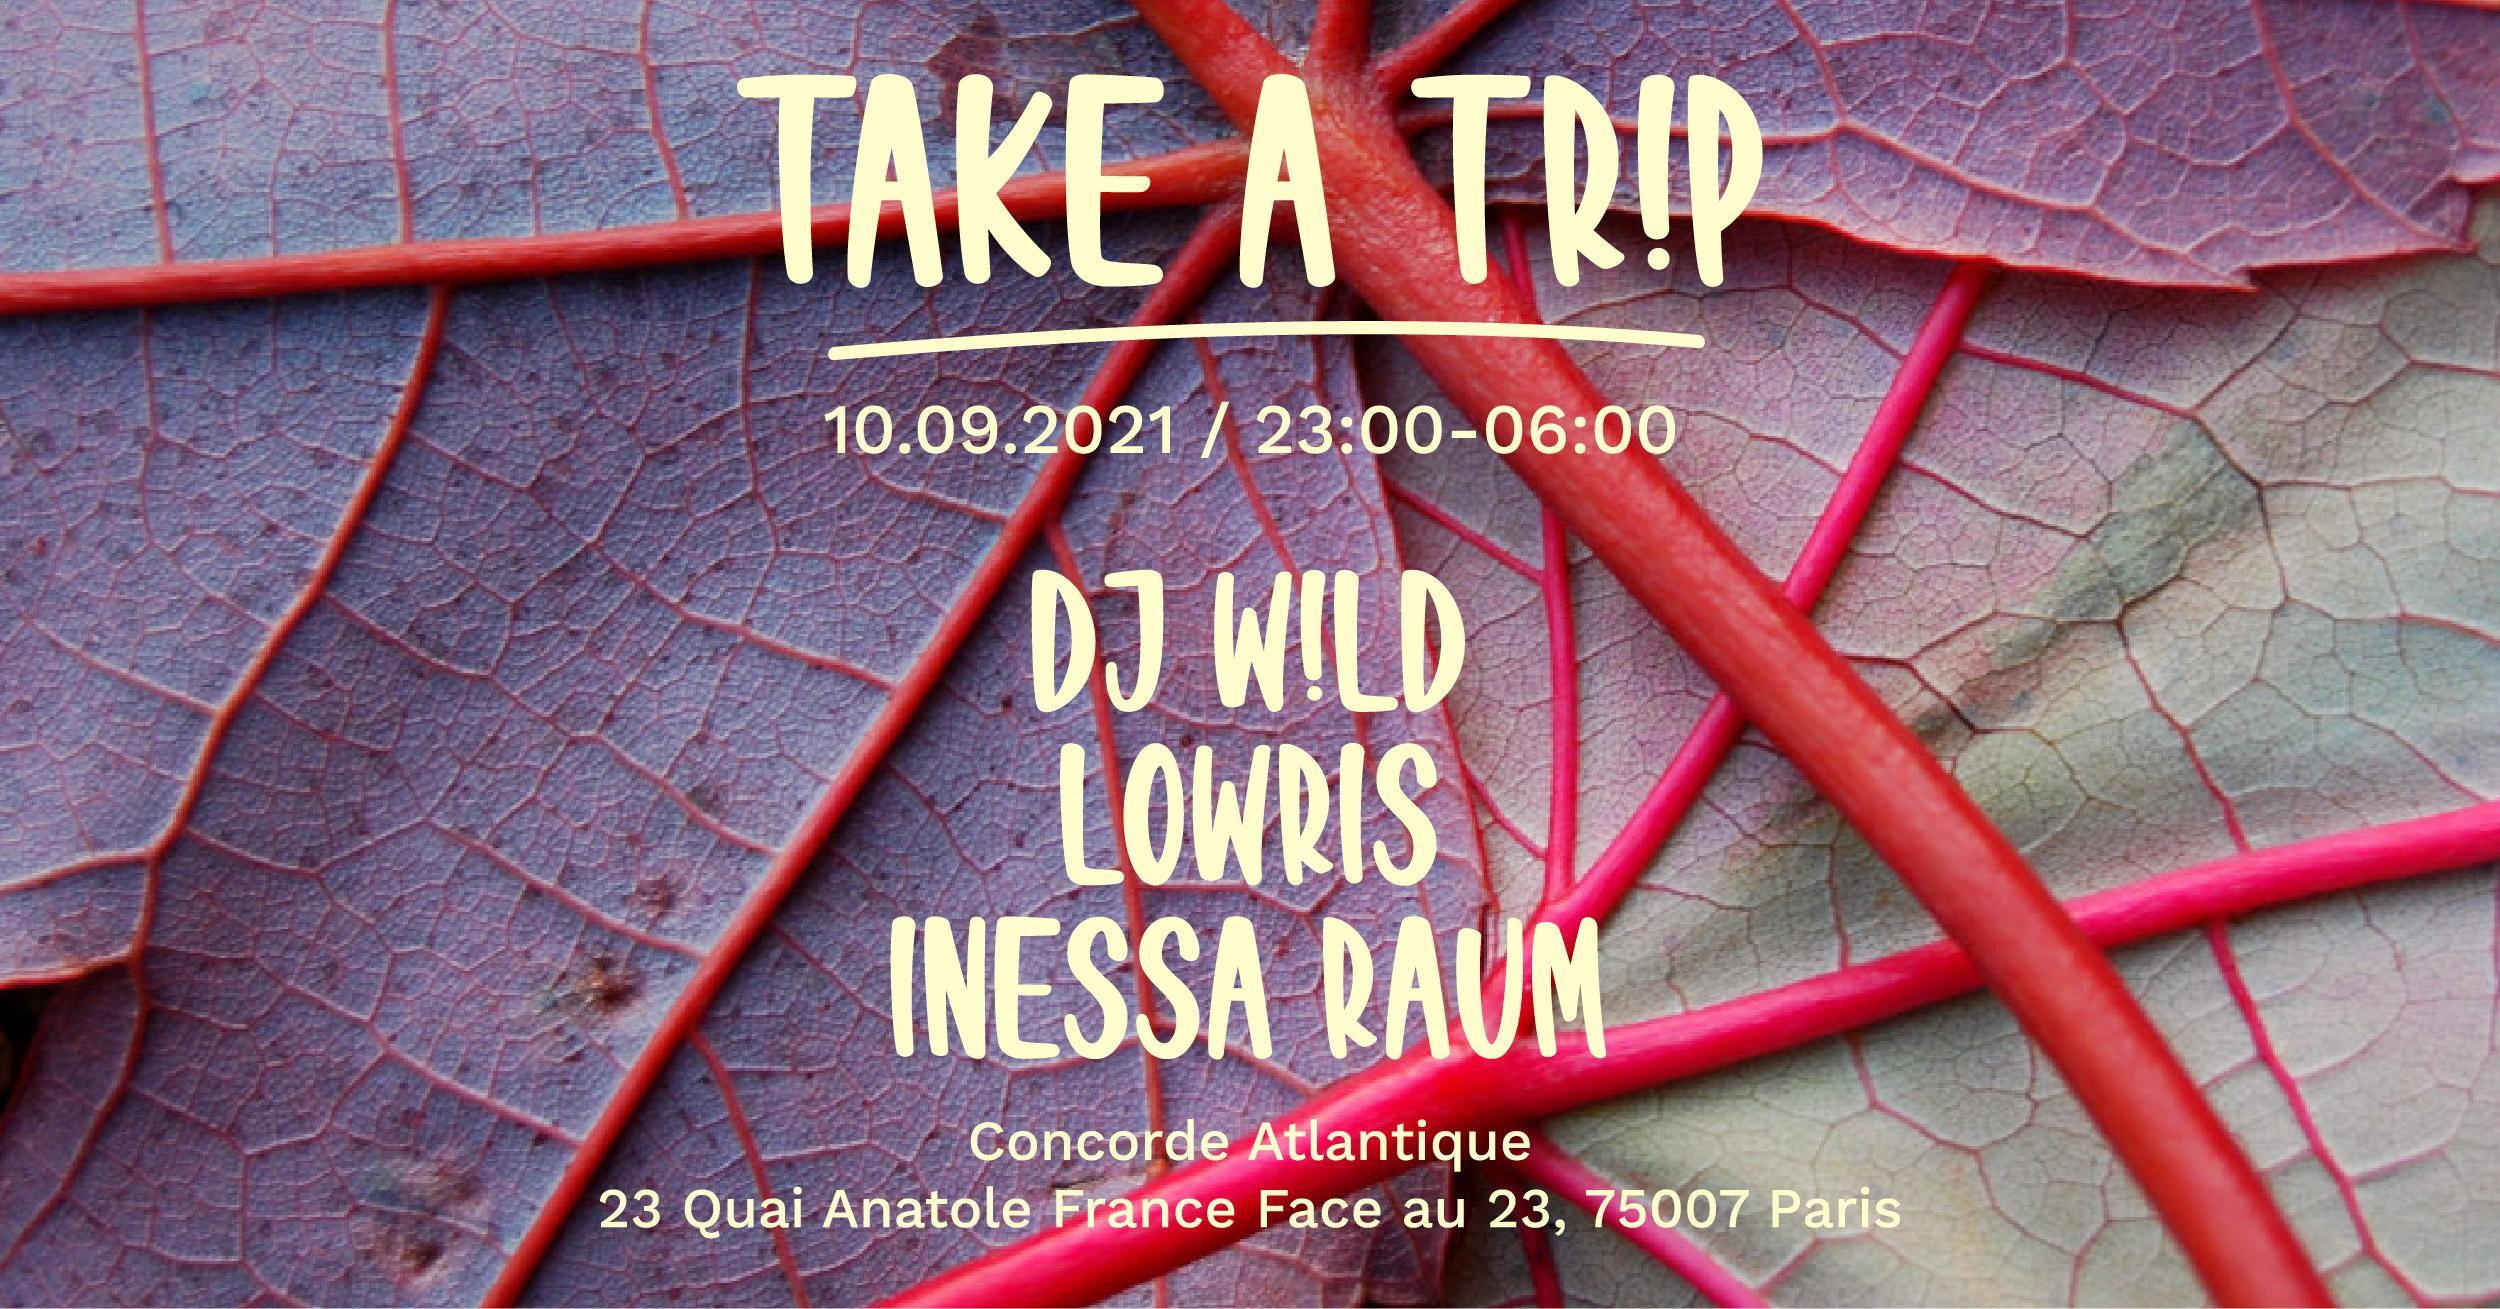 TAKE A TR!P with  DJ W!LD, LOWRIS, INESSA RAUM